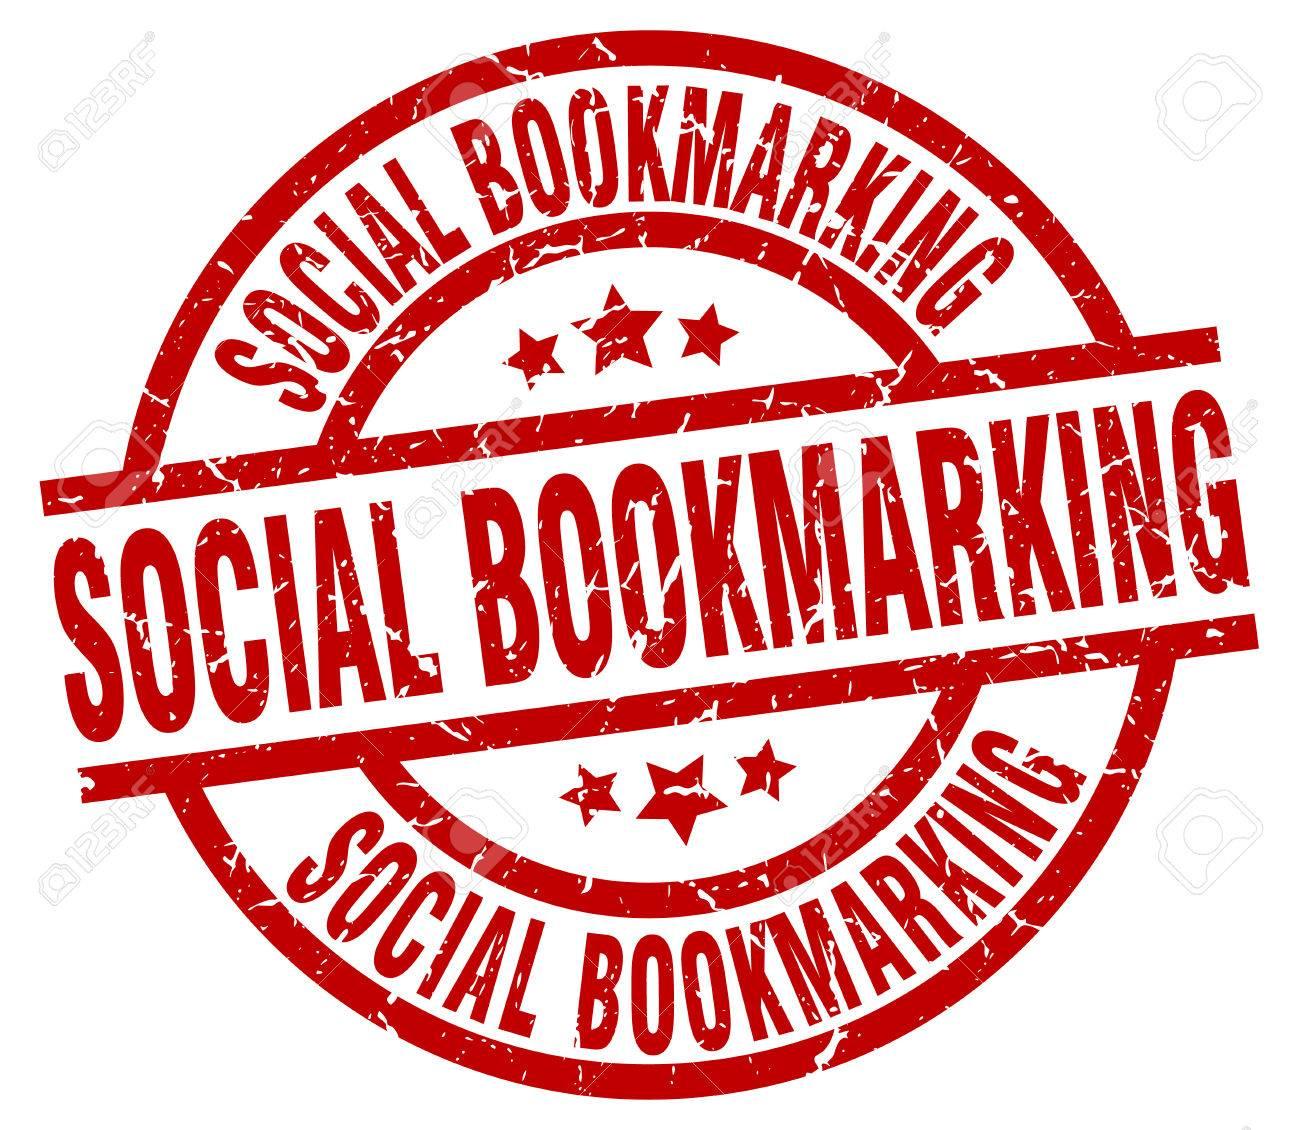 Social Bookmarking Round Red Grunge Stam-Social bookmarking round red grunge stamp Stock Vector - 76731905-15